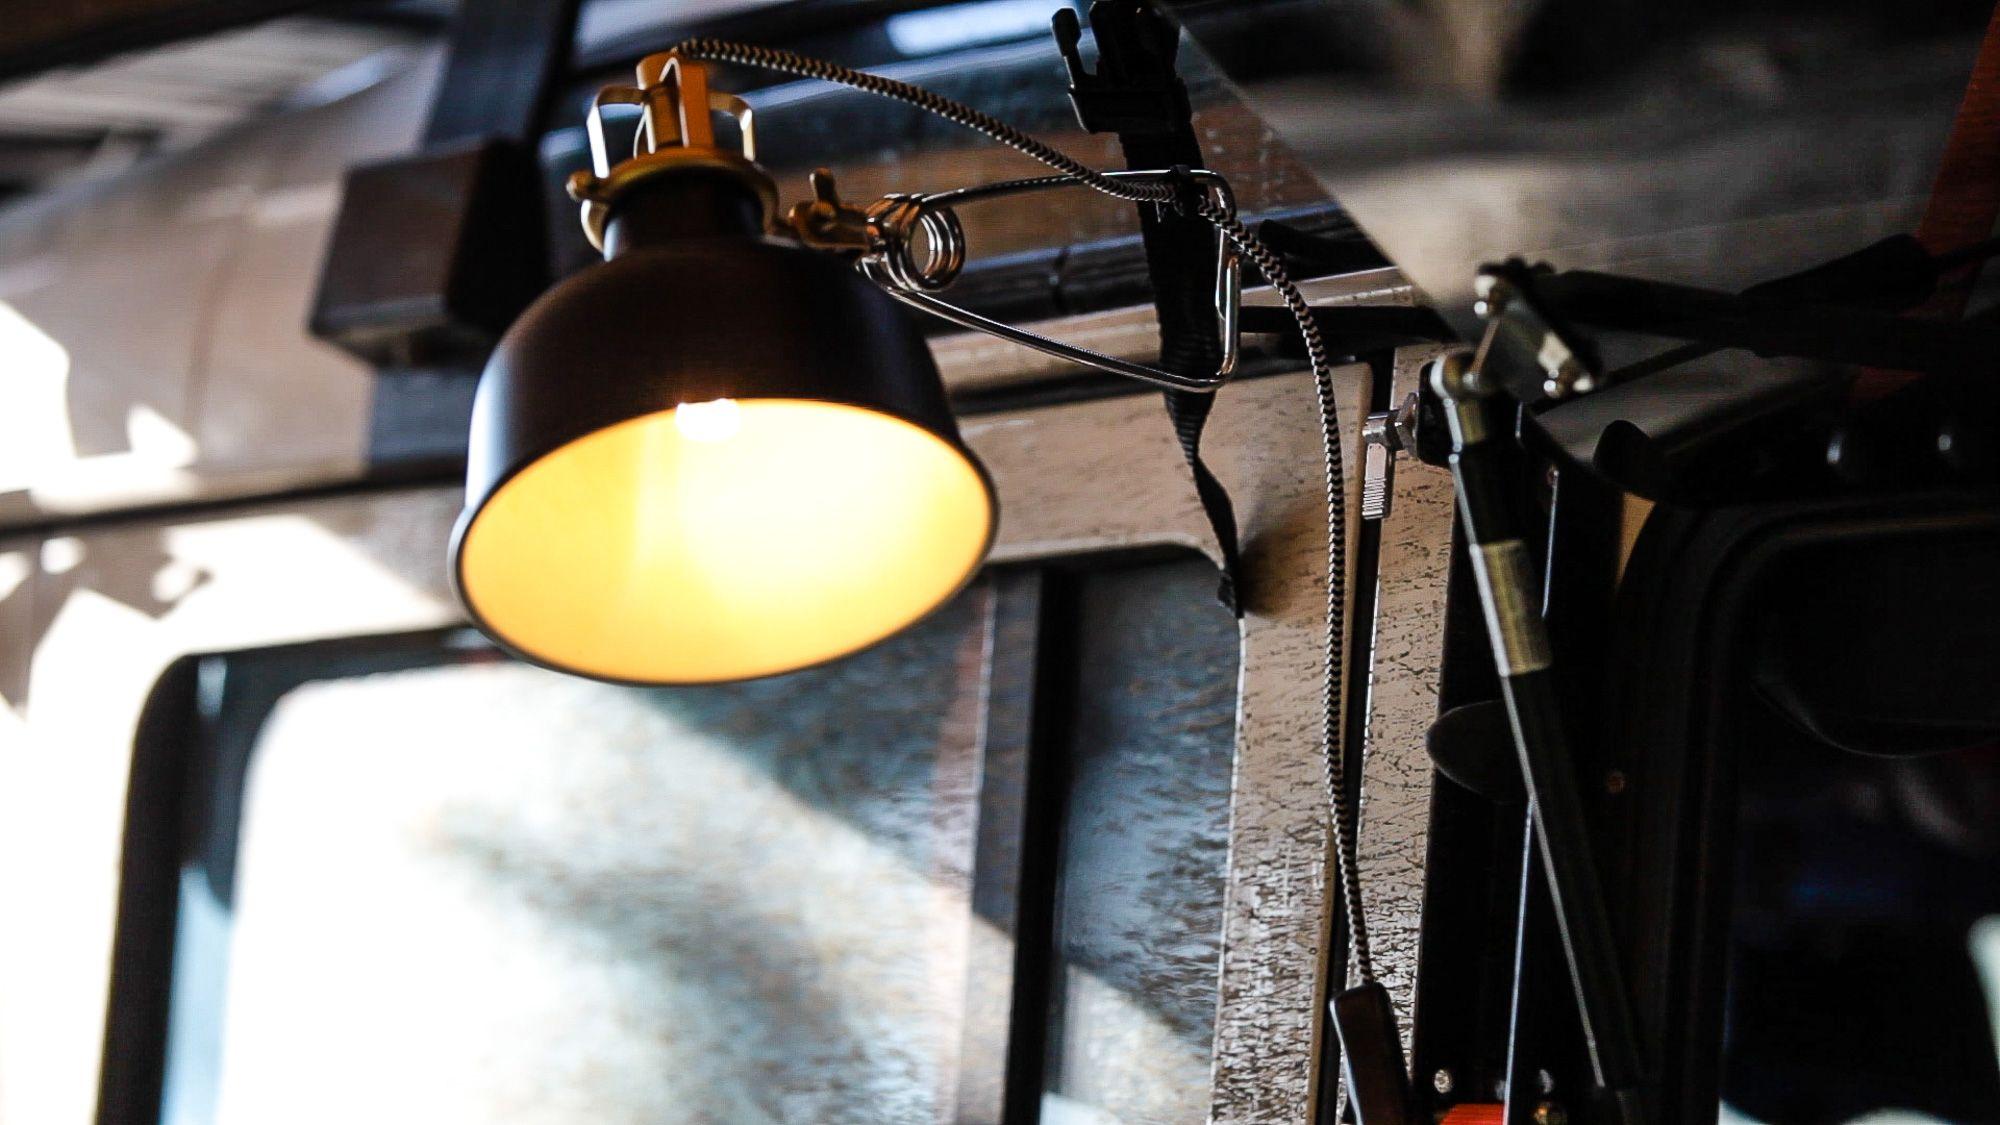 Ikea Lampe Auf 12v Getrimmt Mit Led Ideal Fur Den Camper